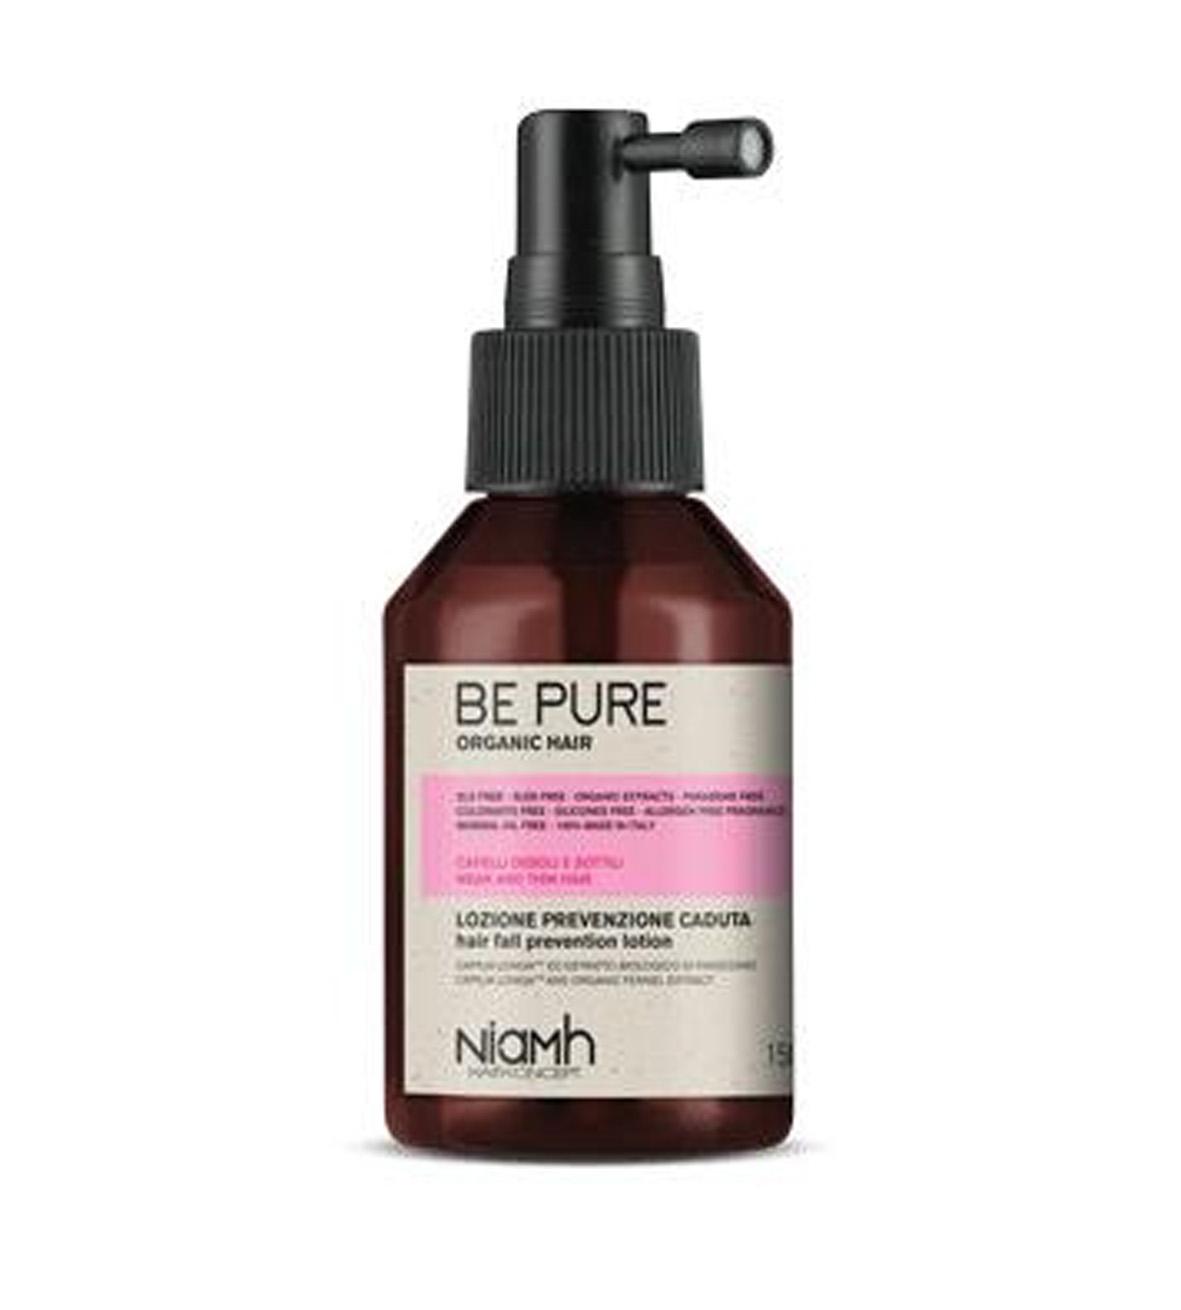 Niamh Hairkoncept Be Pure Prevent Hair Loss Lotion - tonikum proti vypadávání vlasů, 150 ml